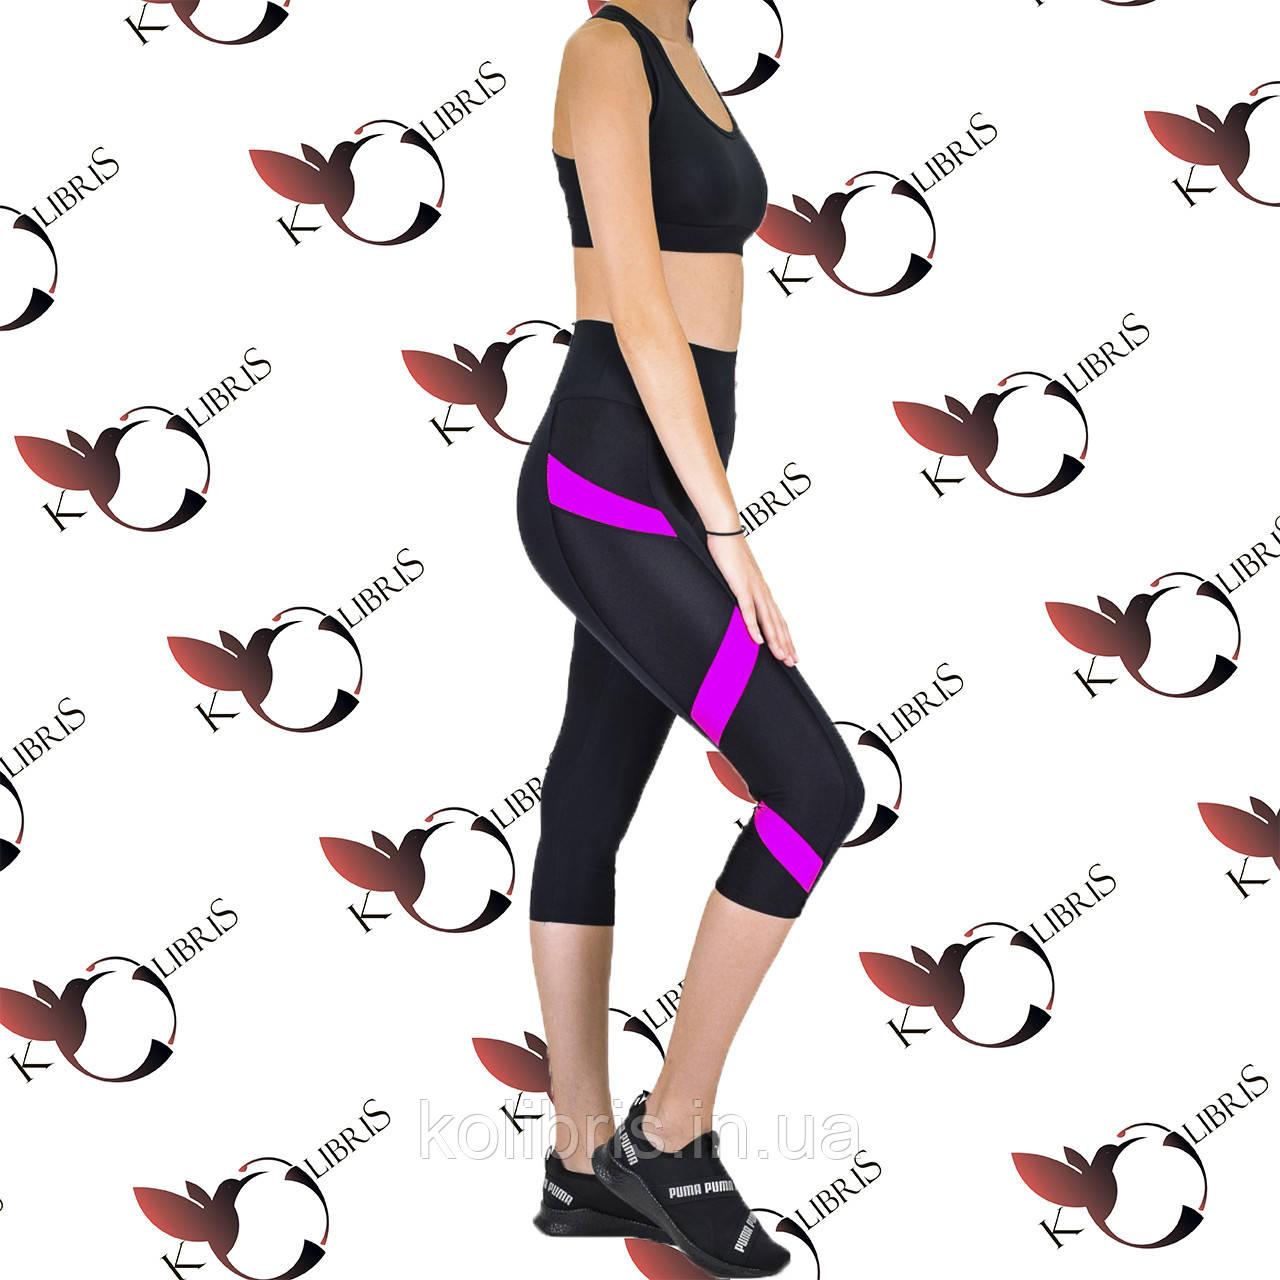 Женский спортивный комплект бриджи со вставками и топ без чашек